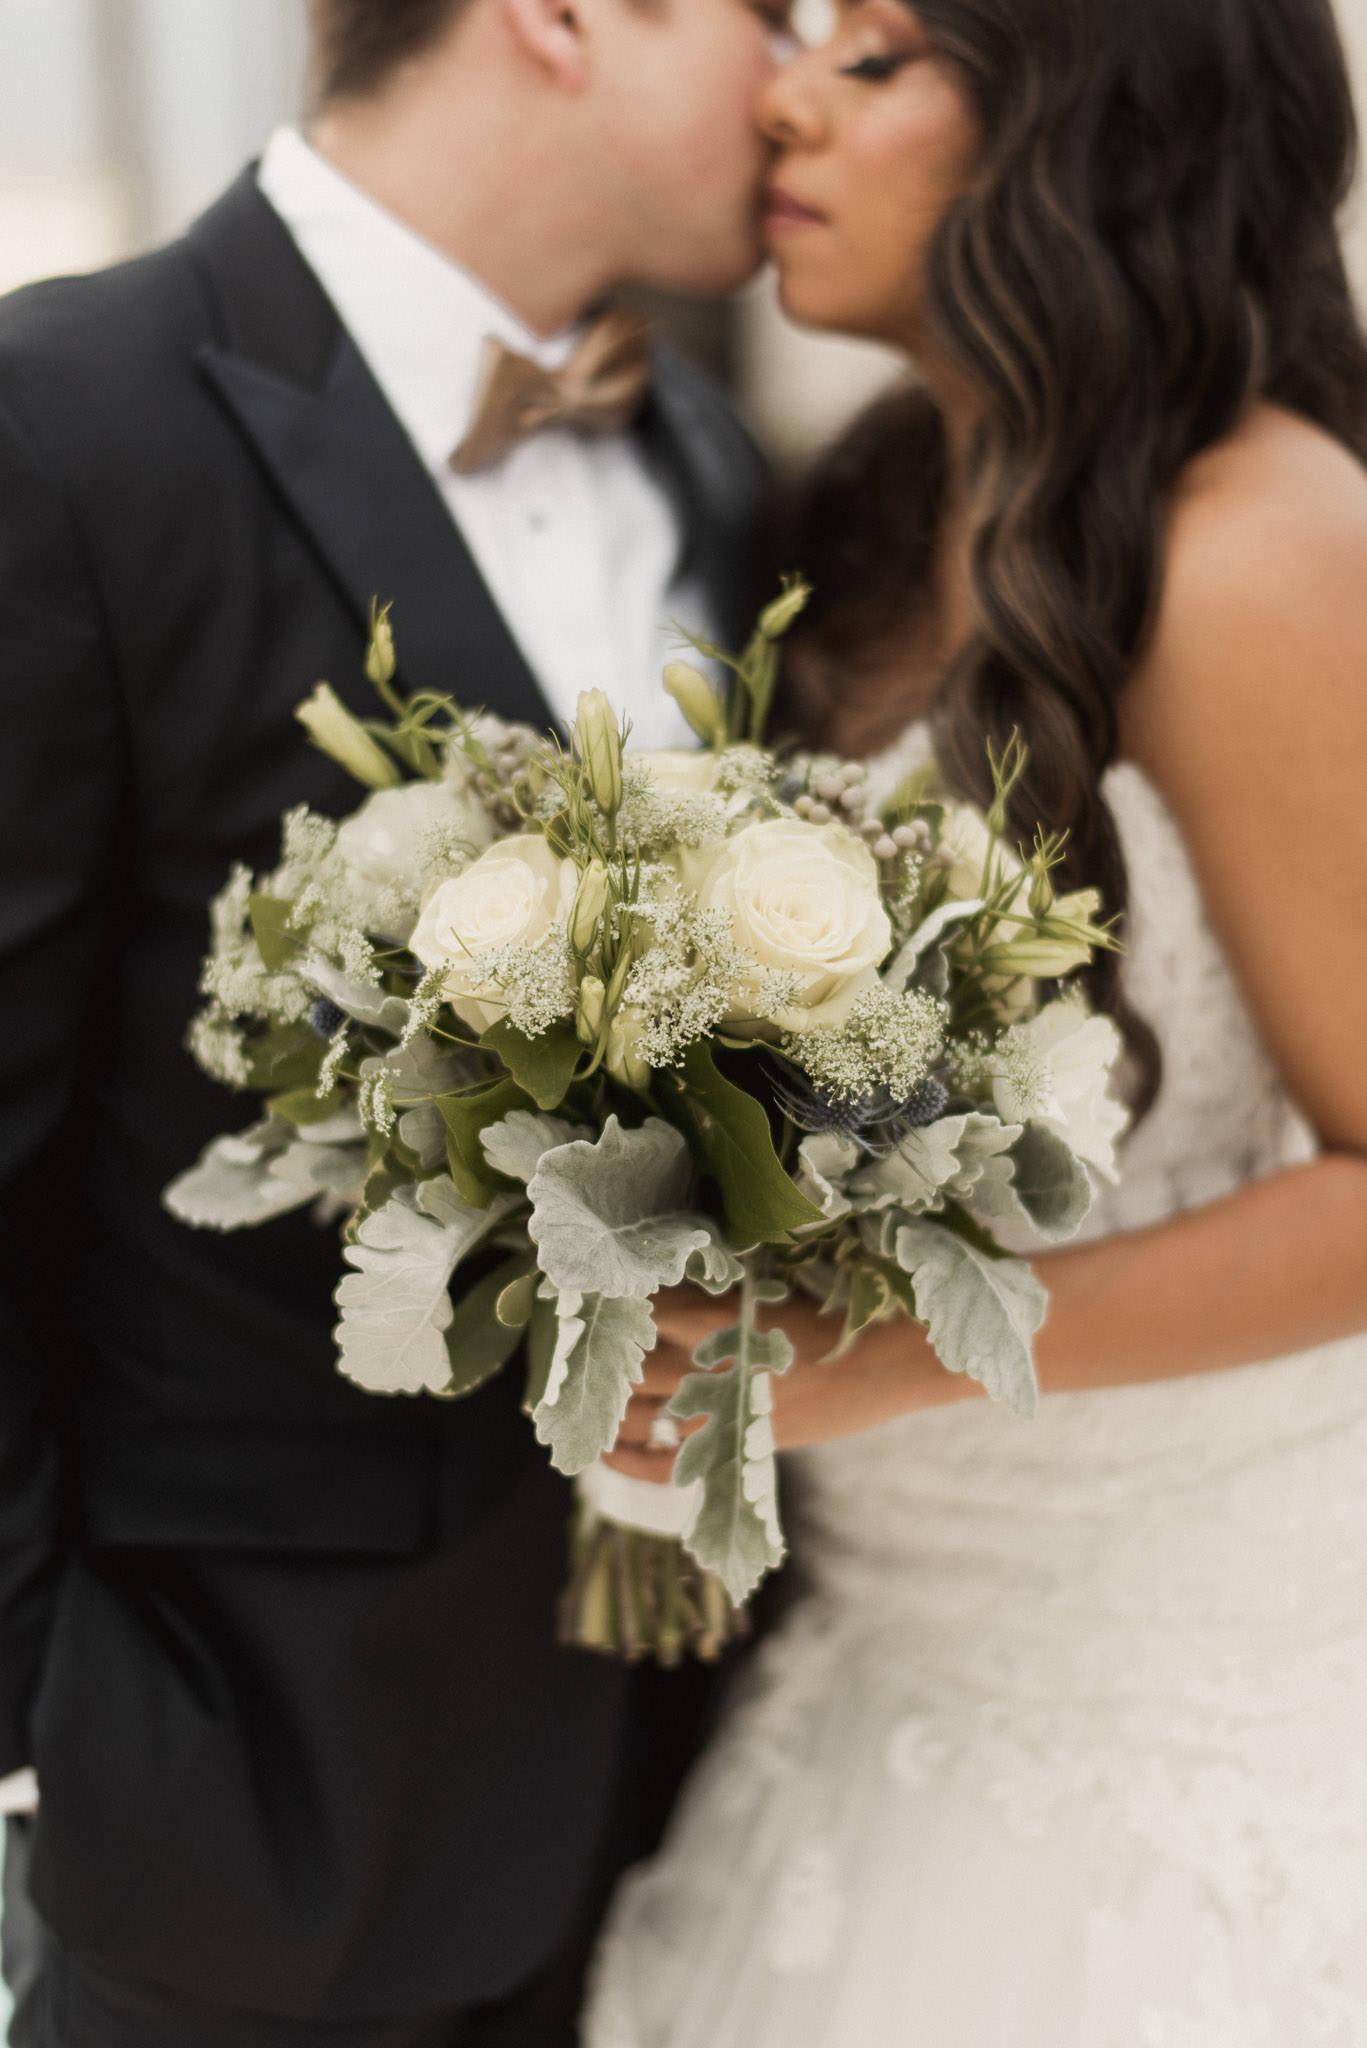 houston-top-wedding-photographer-romantic-moody-classy-bride